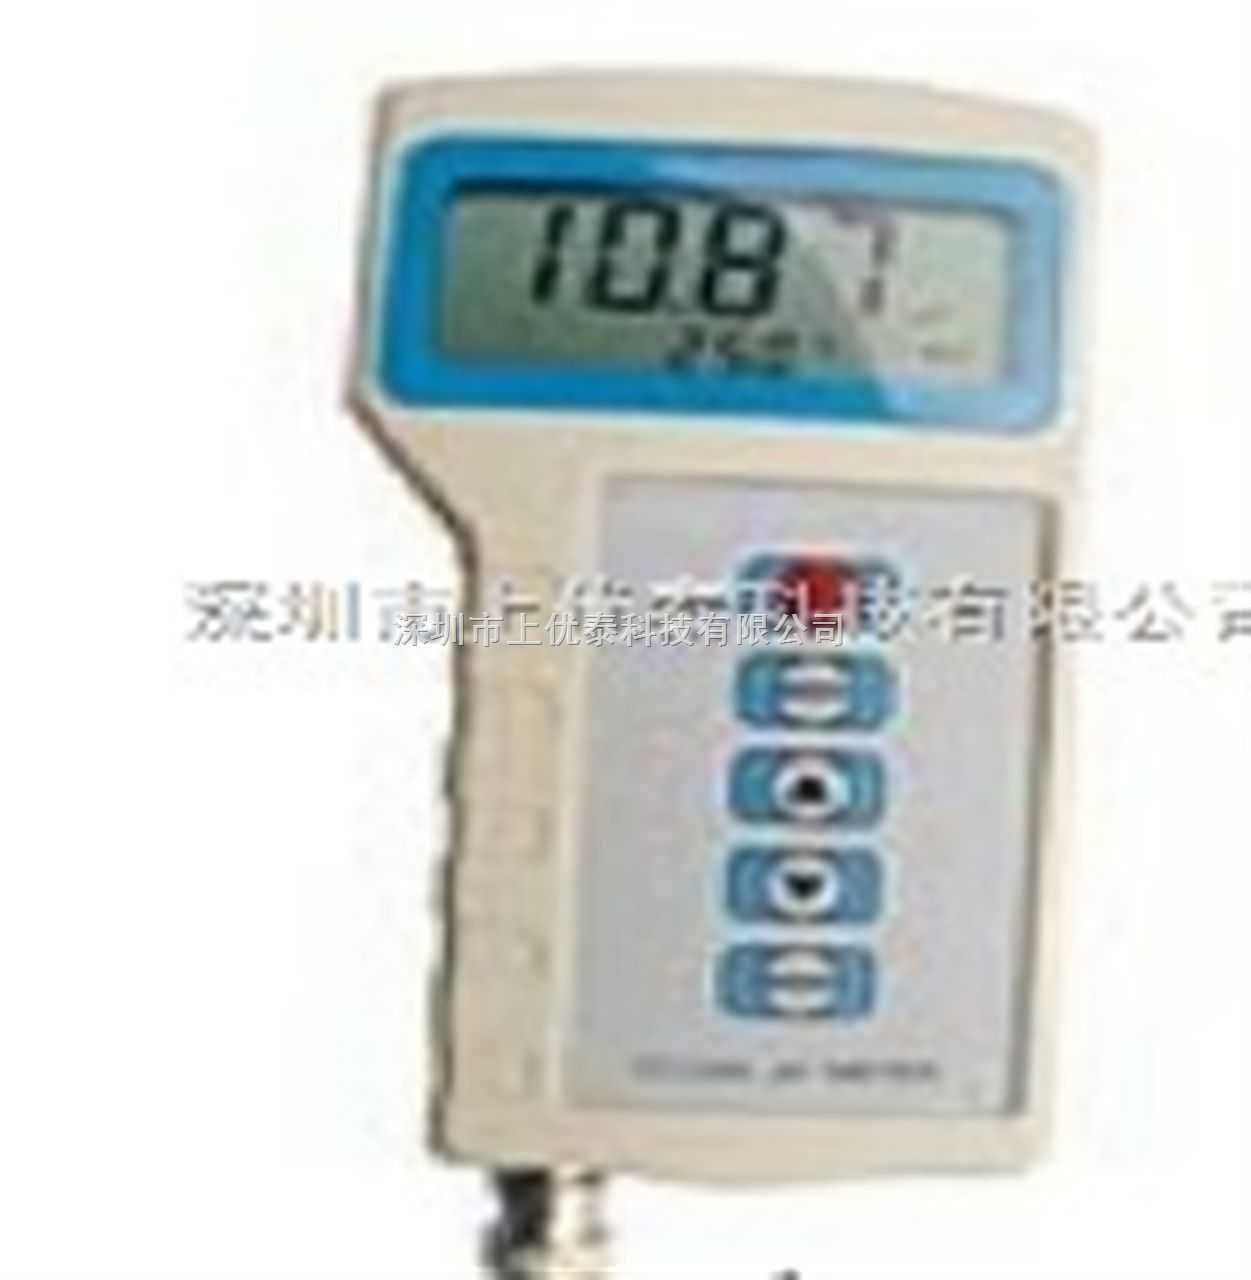 便攜式電導率儀,攜帶式電導率儀,便攜式電導度計